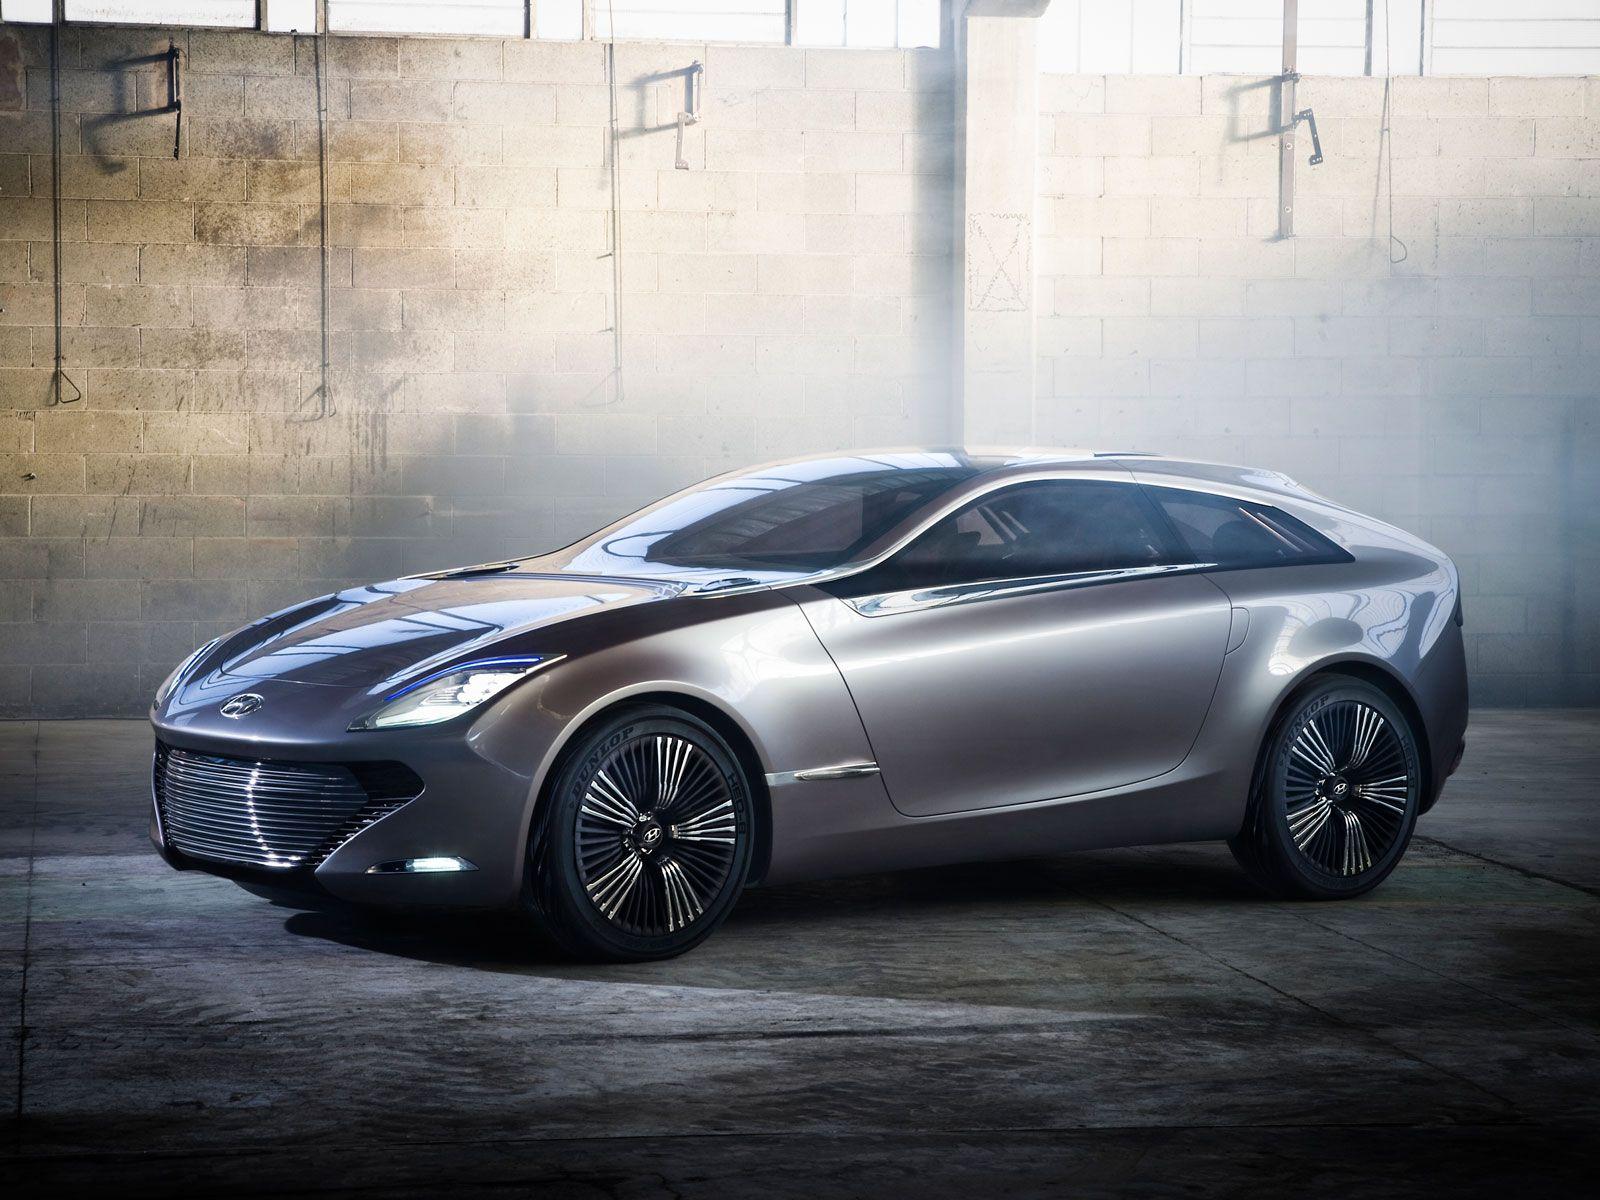 Hyundai i oniq Concept Transportation Pinterest